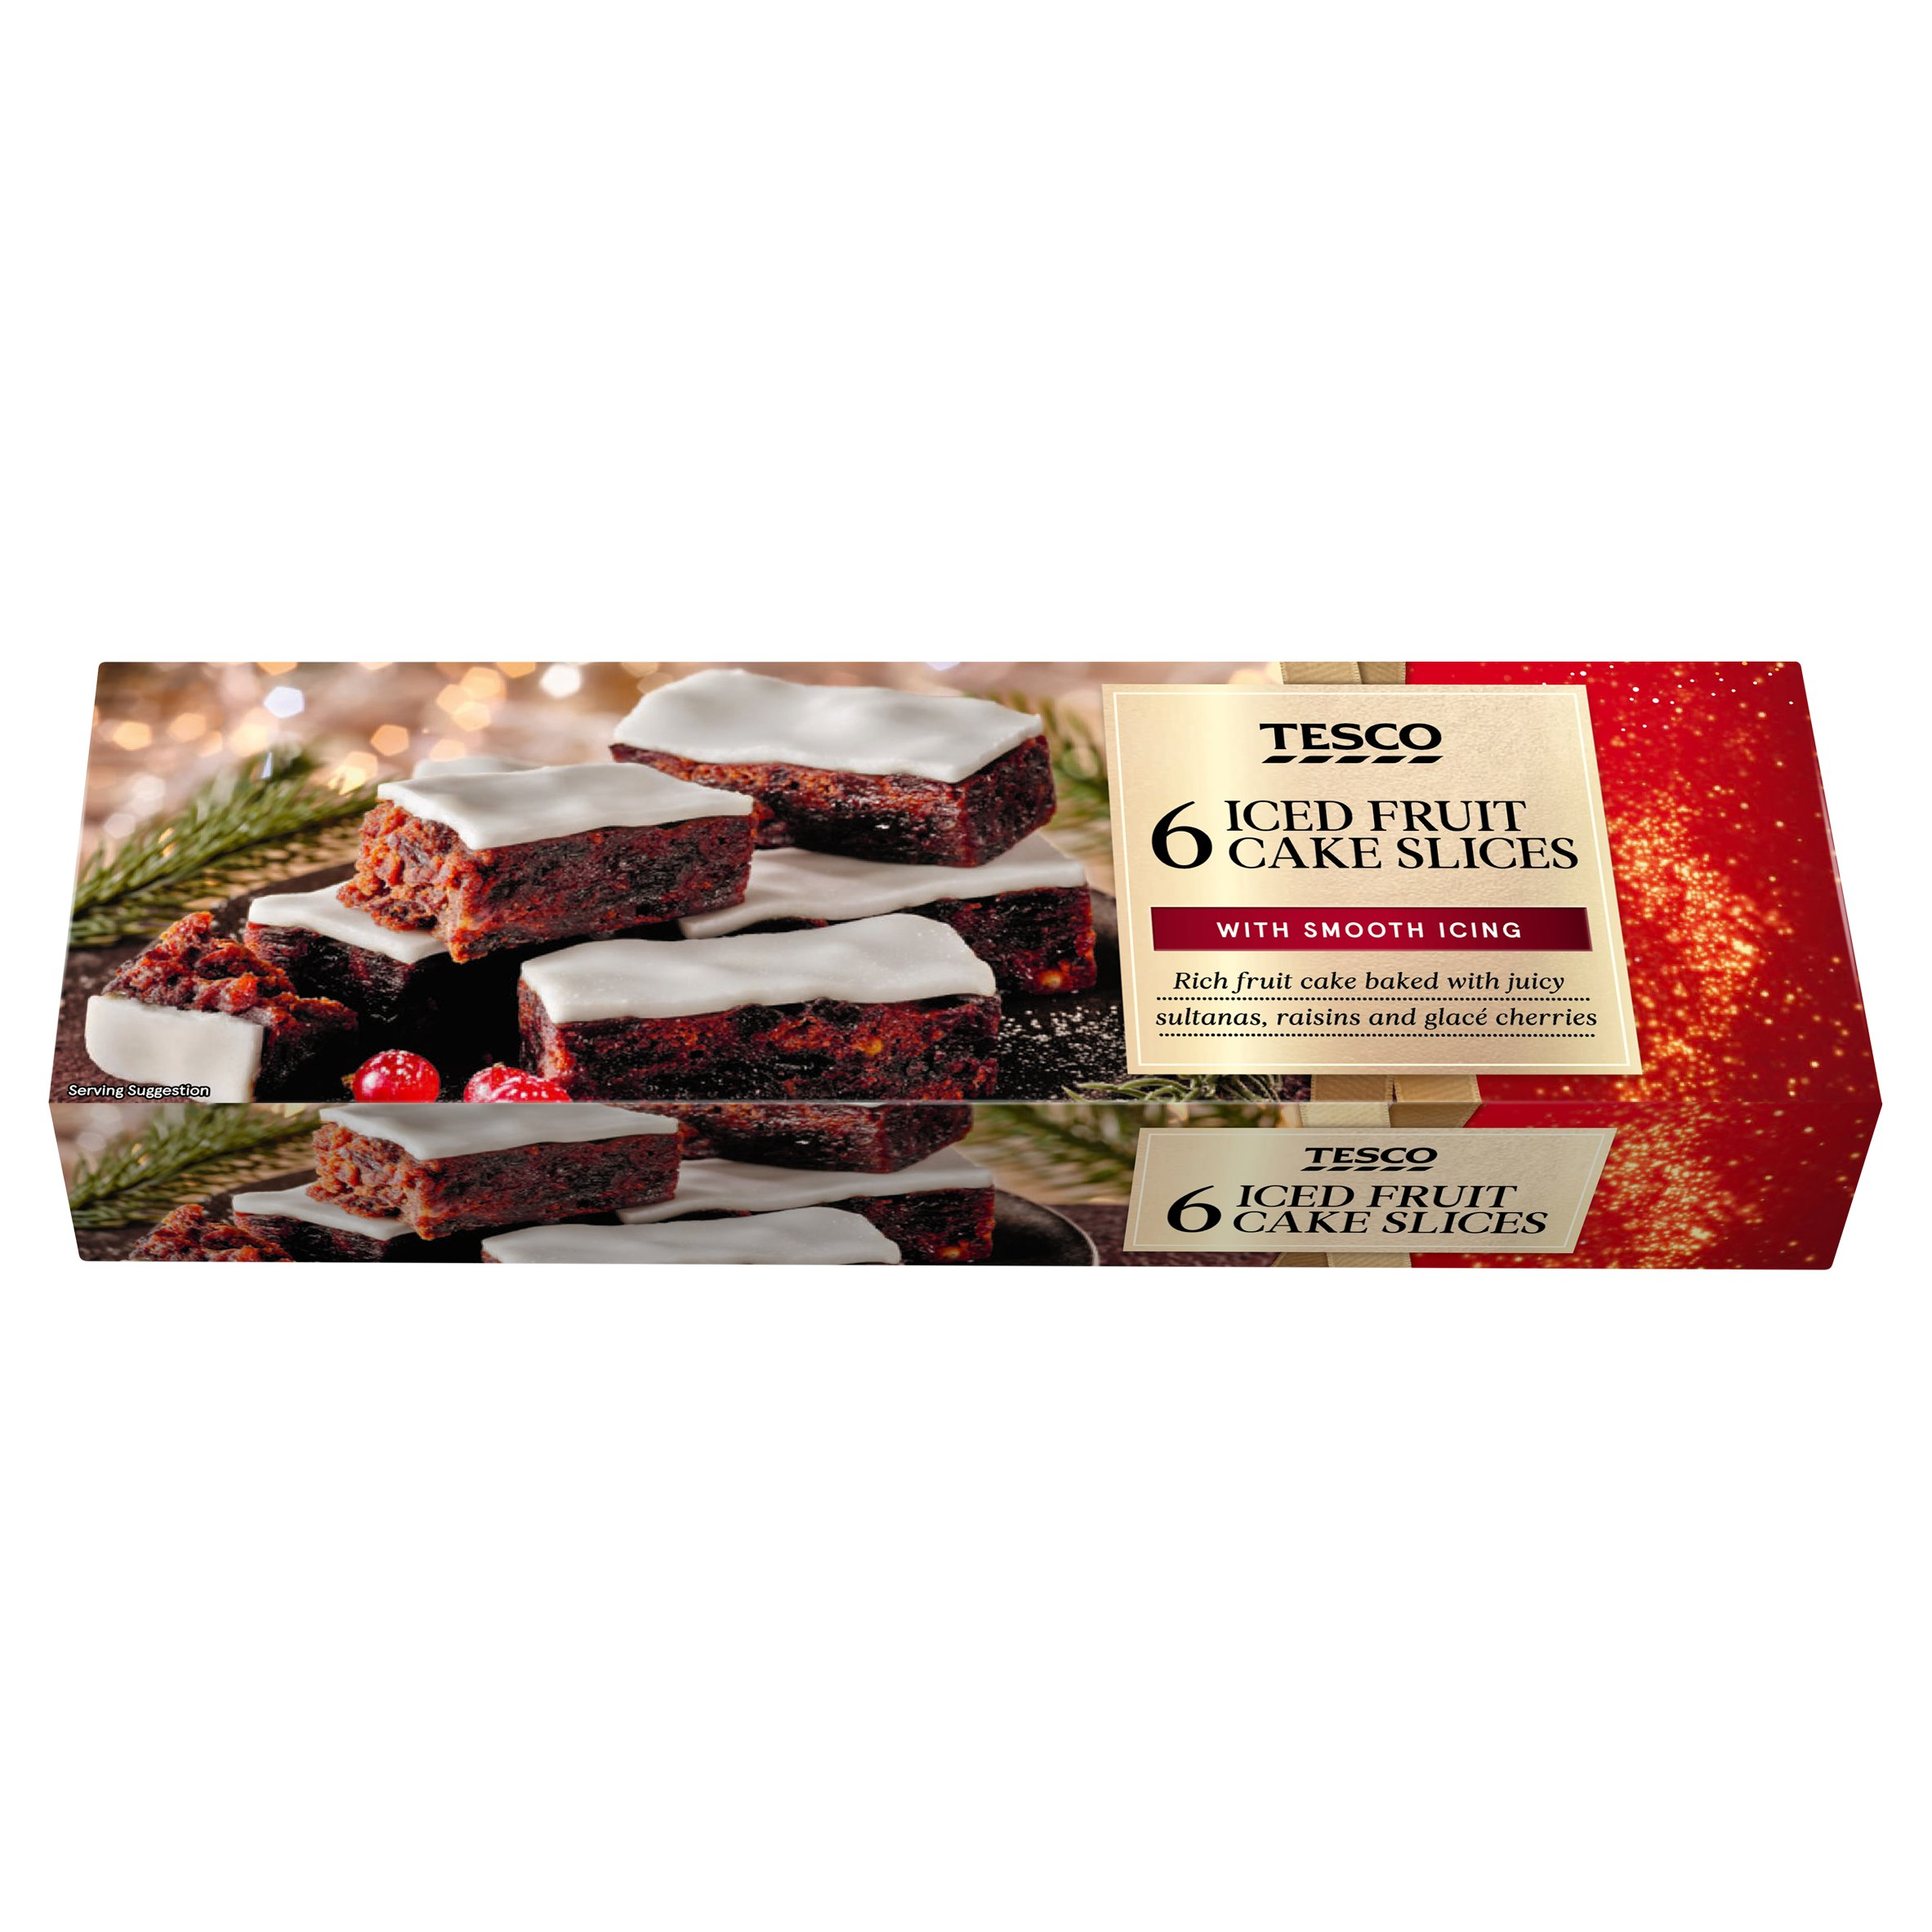 Tesco 6 Iced Fruit Cake Slices